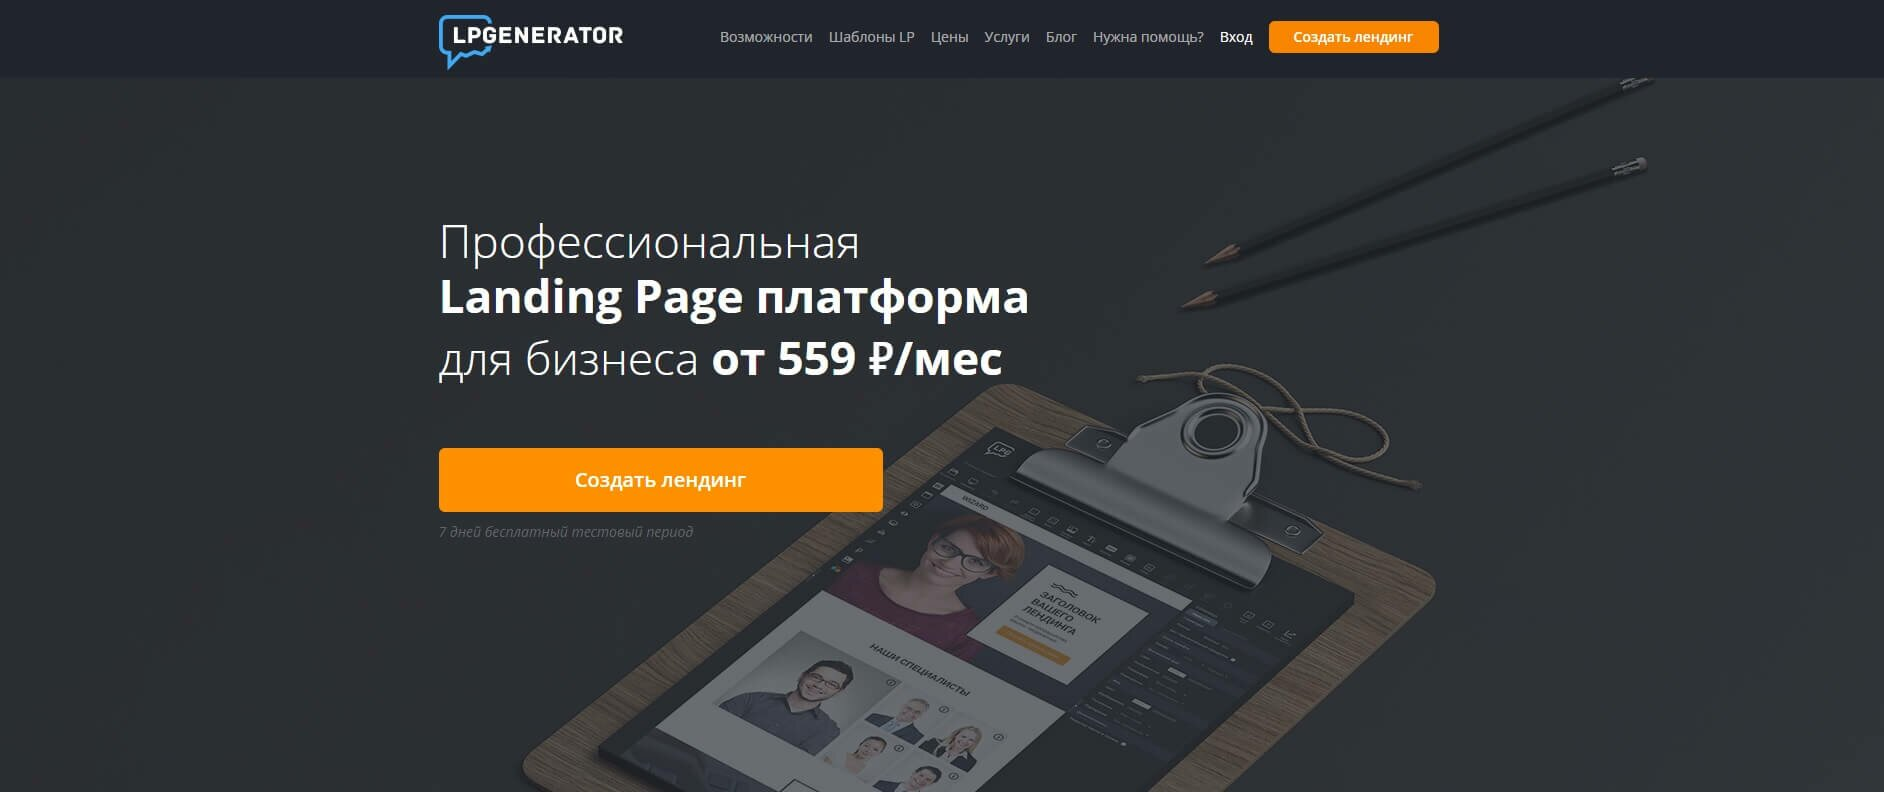 Lpgenerator - профессиональная платформа-конструктор для сайтов и магазинов